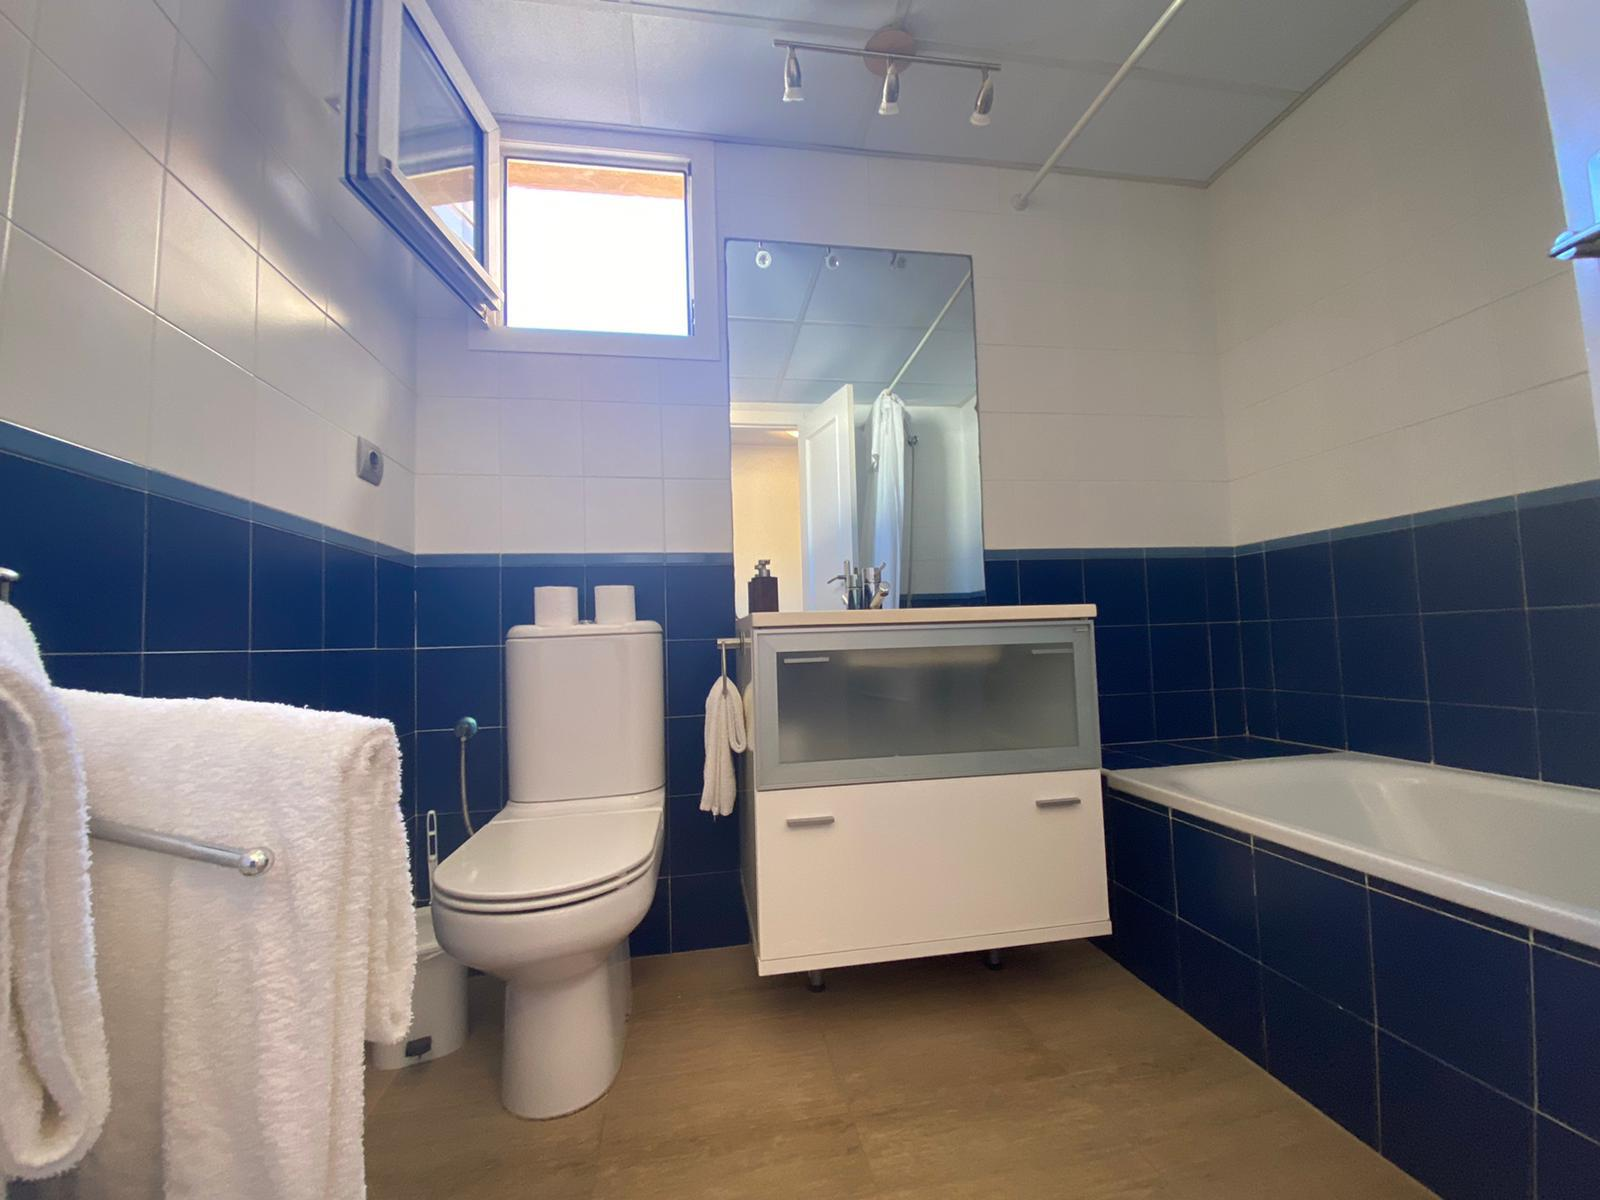 Imagen 20 del Apartamento Turístico, Ático 6 Central (3d+2b), Punta del Moral (HUELVA), Paseo de la Cruz nº22